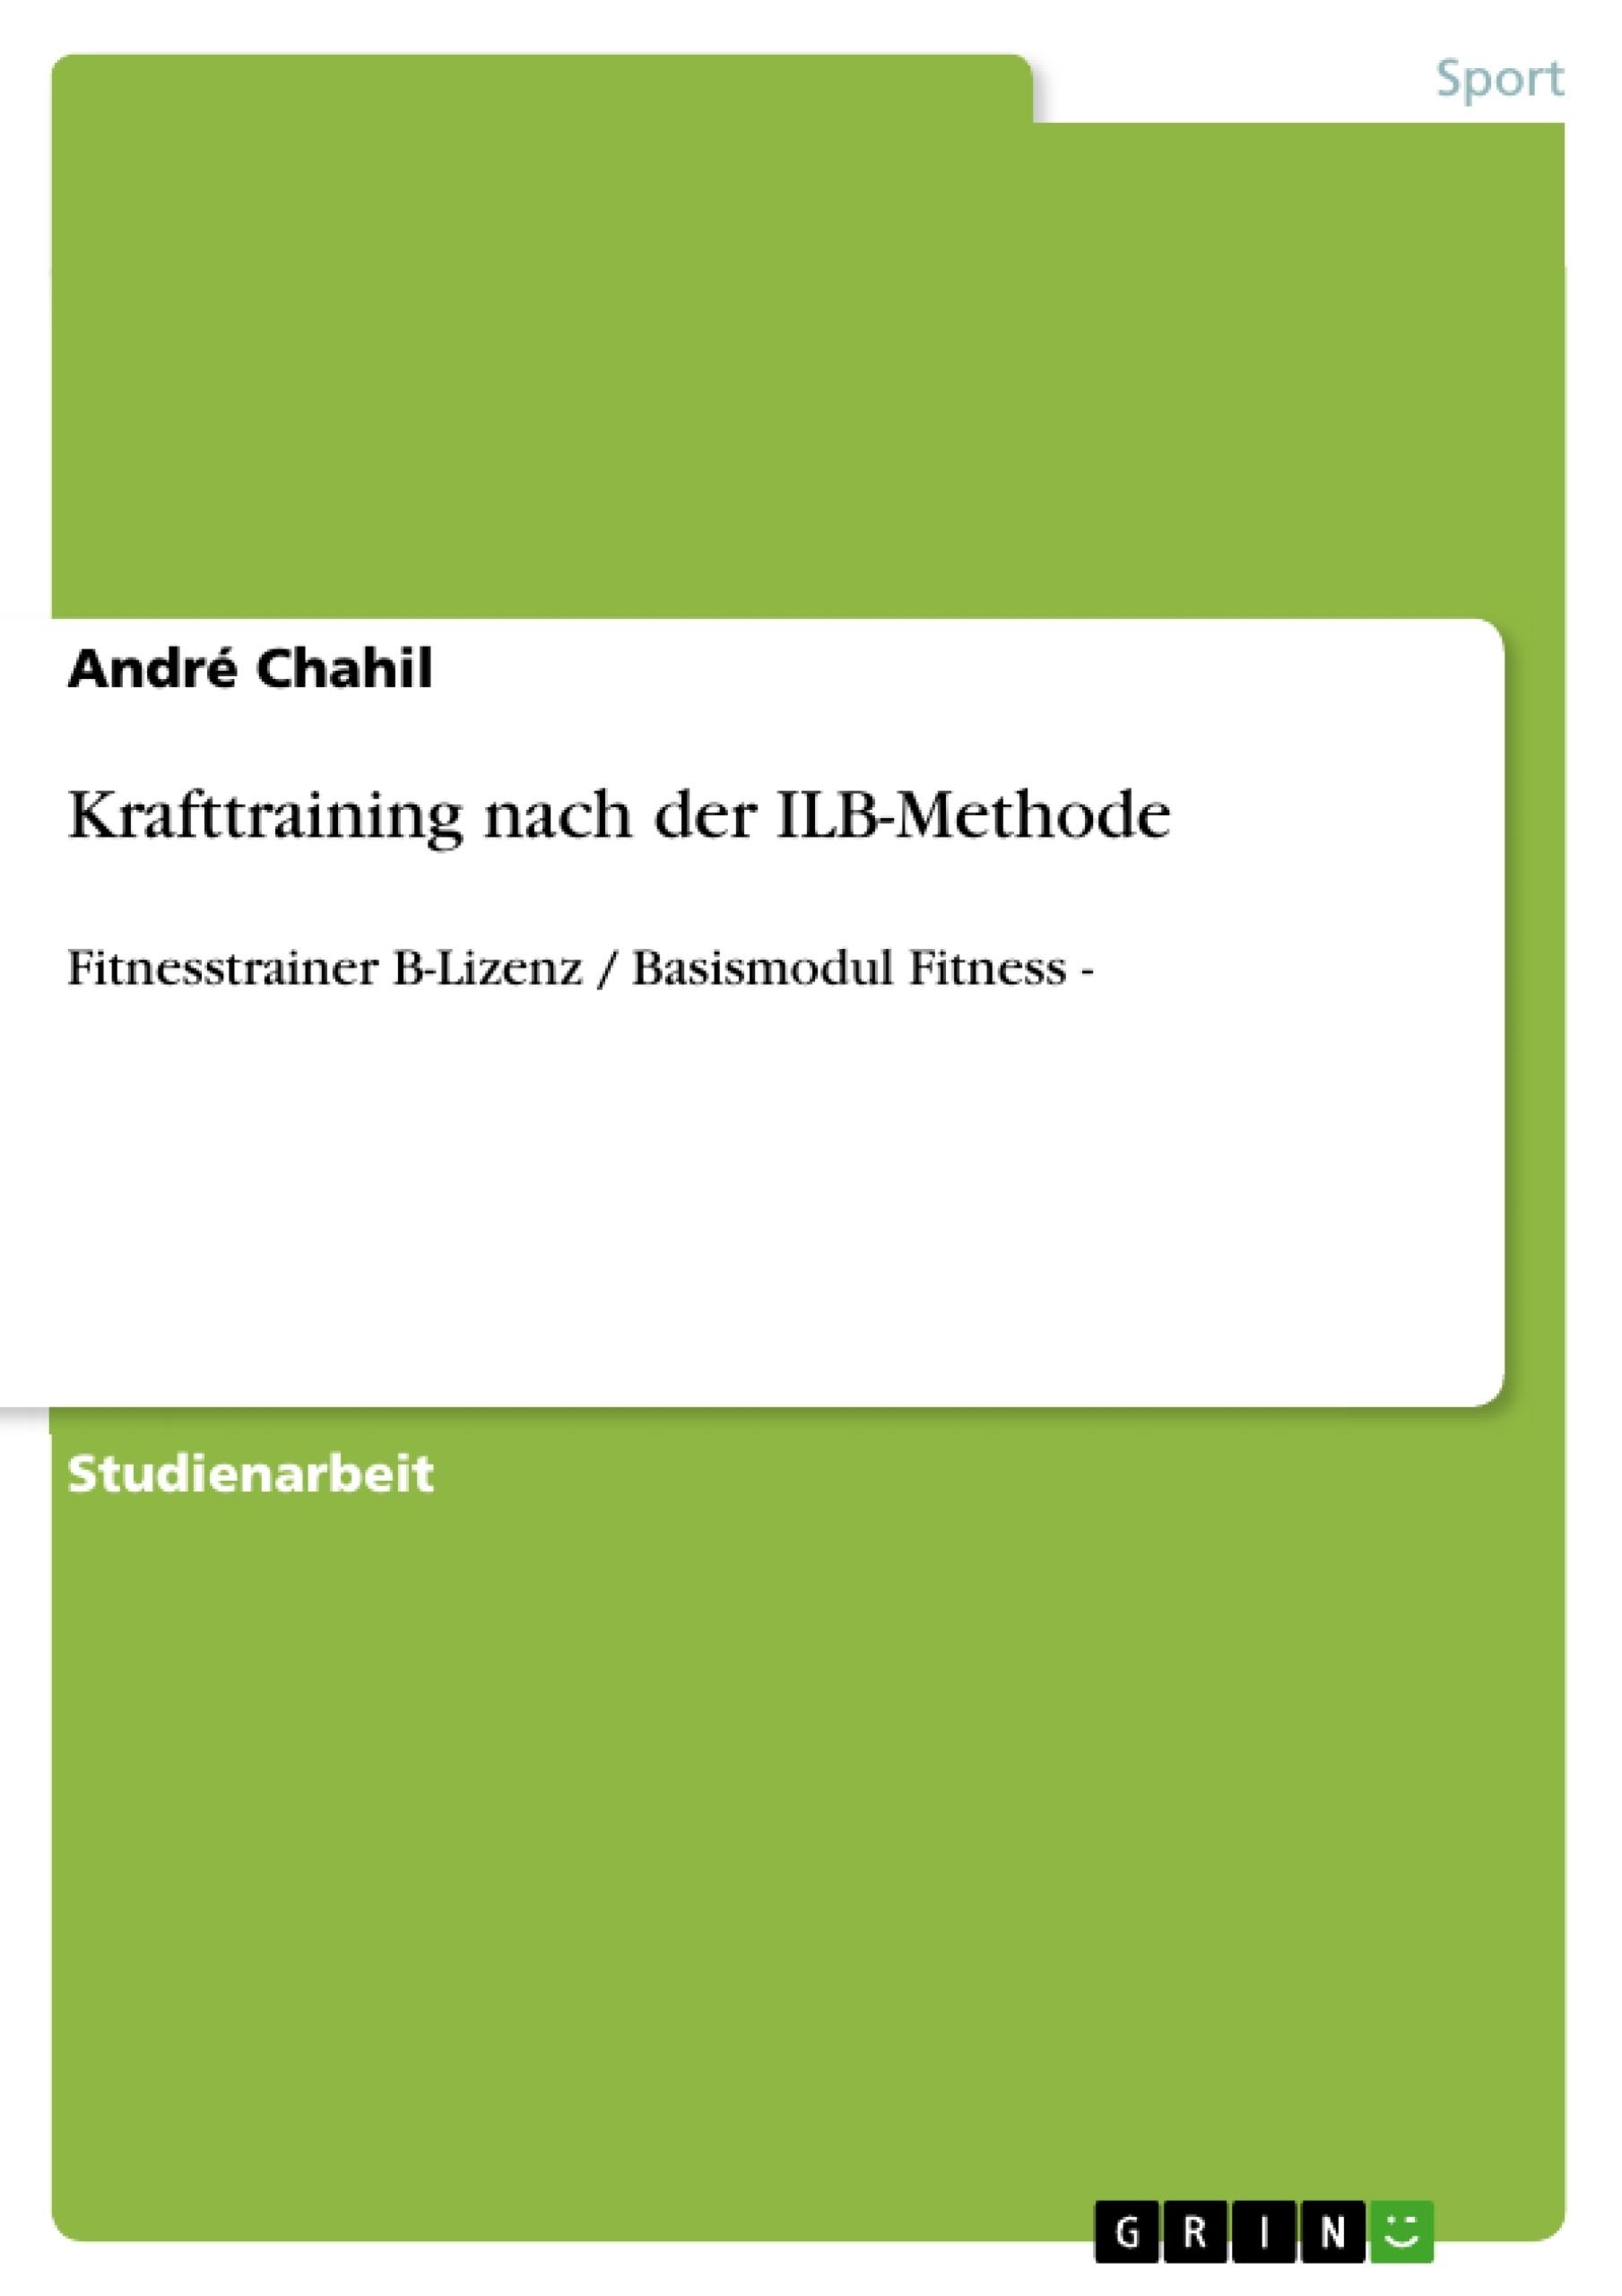 Titel: Krafttraining nach der ILB-Methode